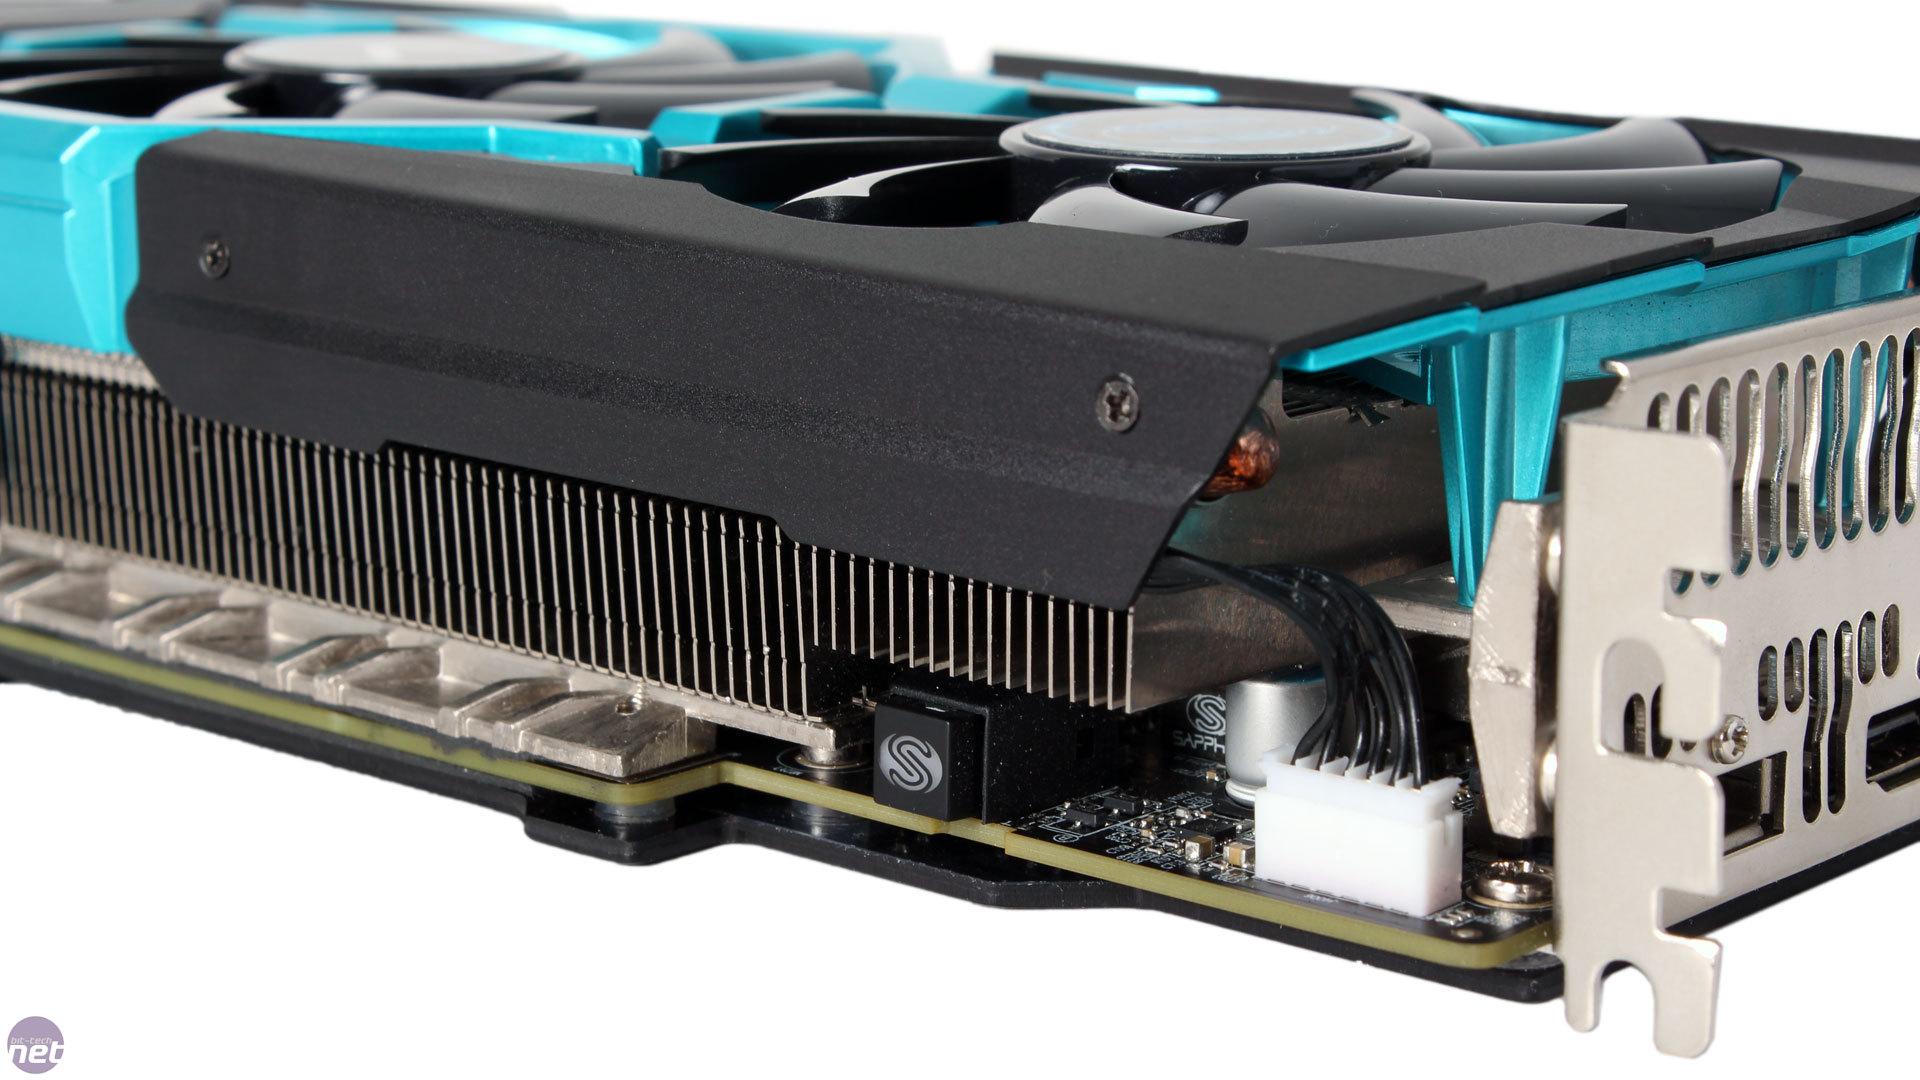 Sapphire Radeon R9 290 Vapor-X OC Review | bit-tech net